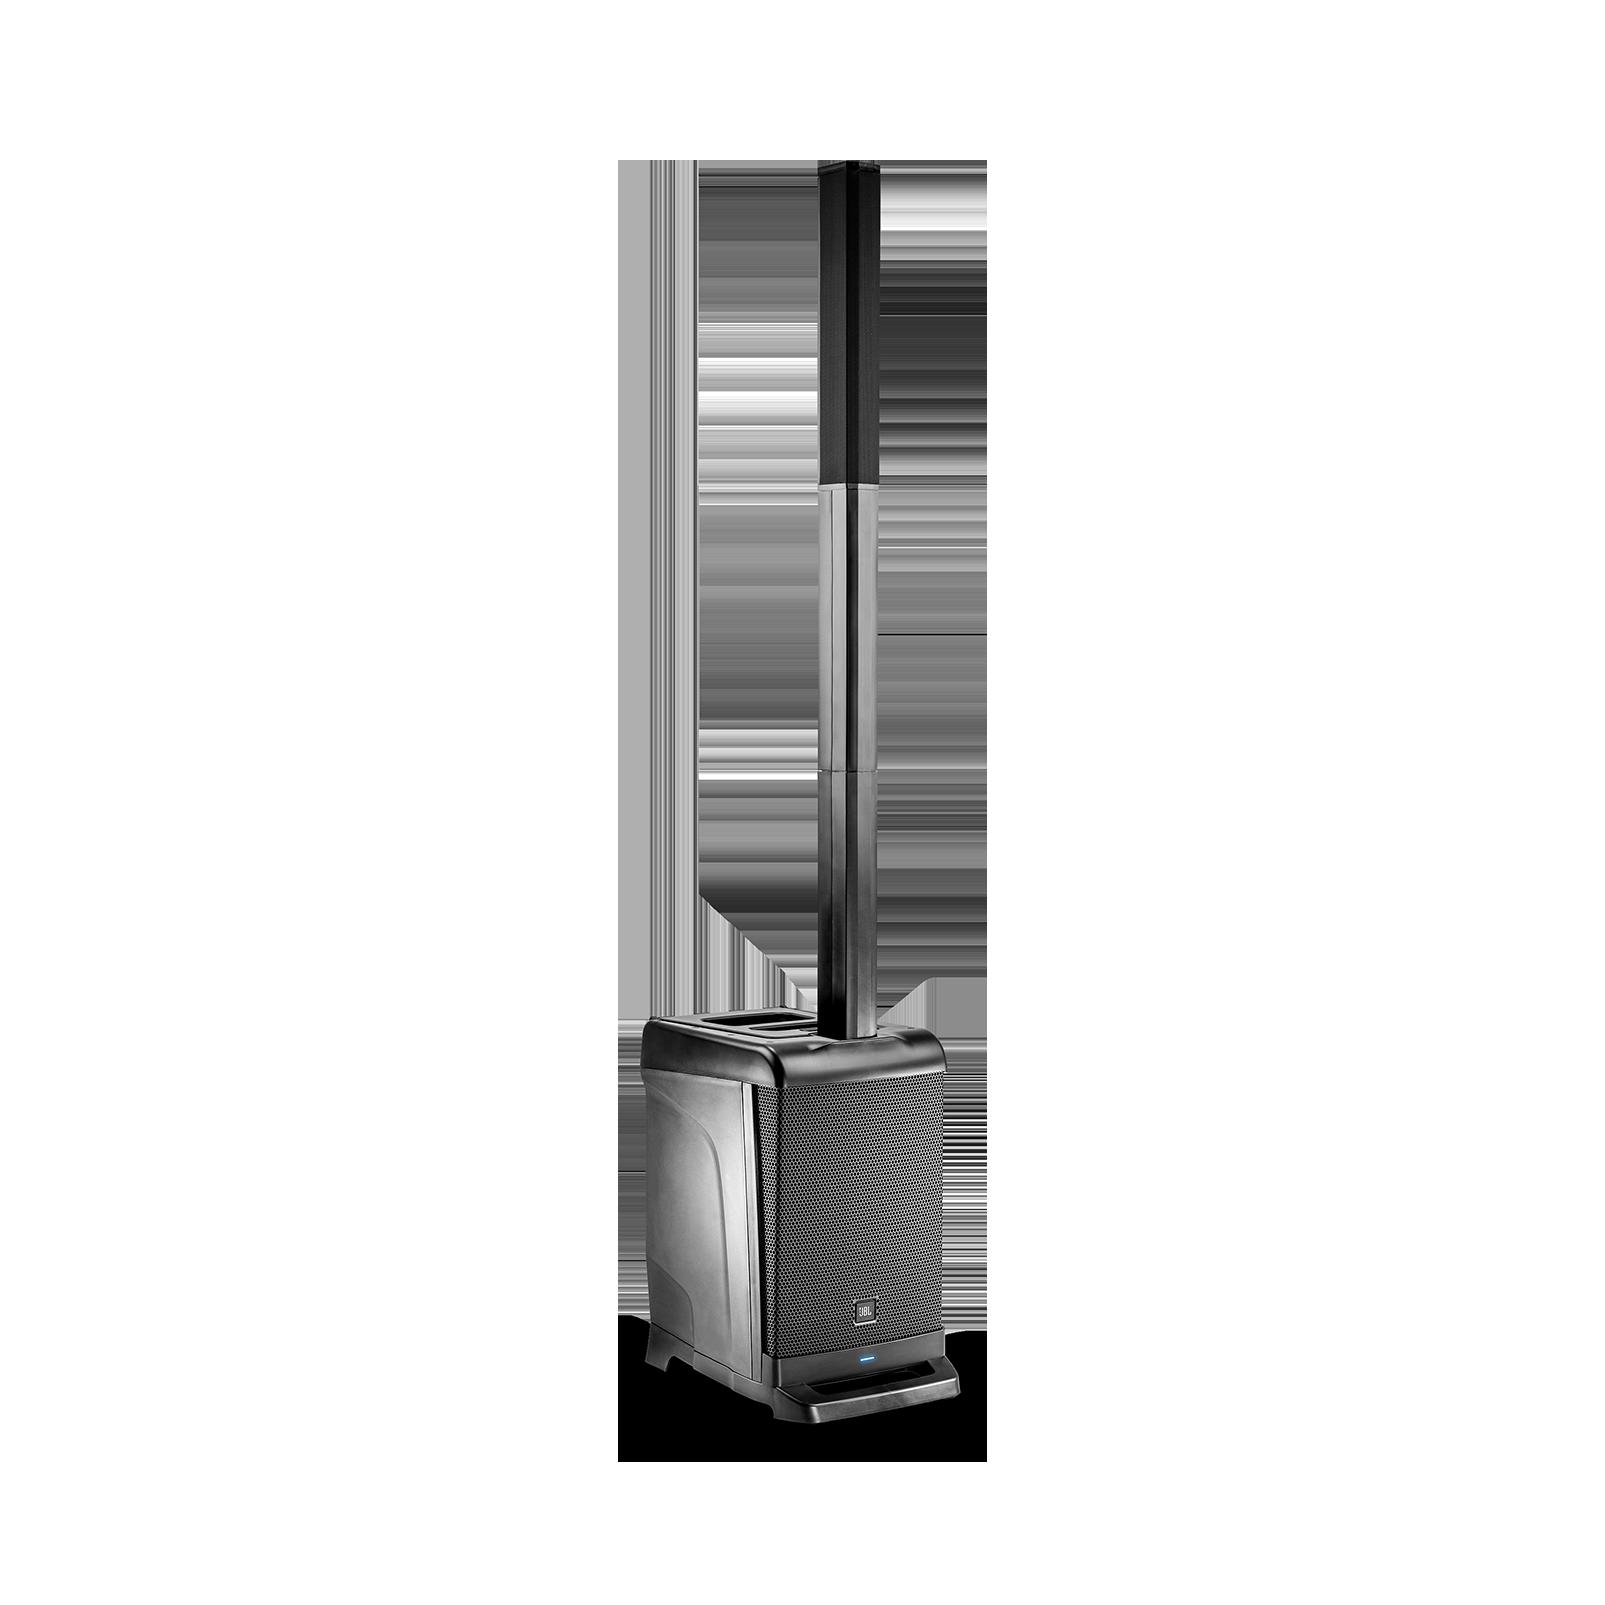 JBL EON ONE - Black - Award-Winning, All-in-One, 6 Channel Linear-Array PA System - Detailshot 1